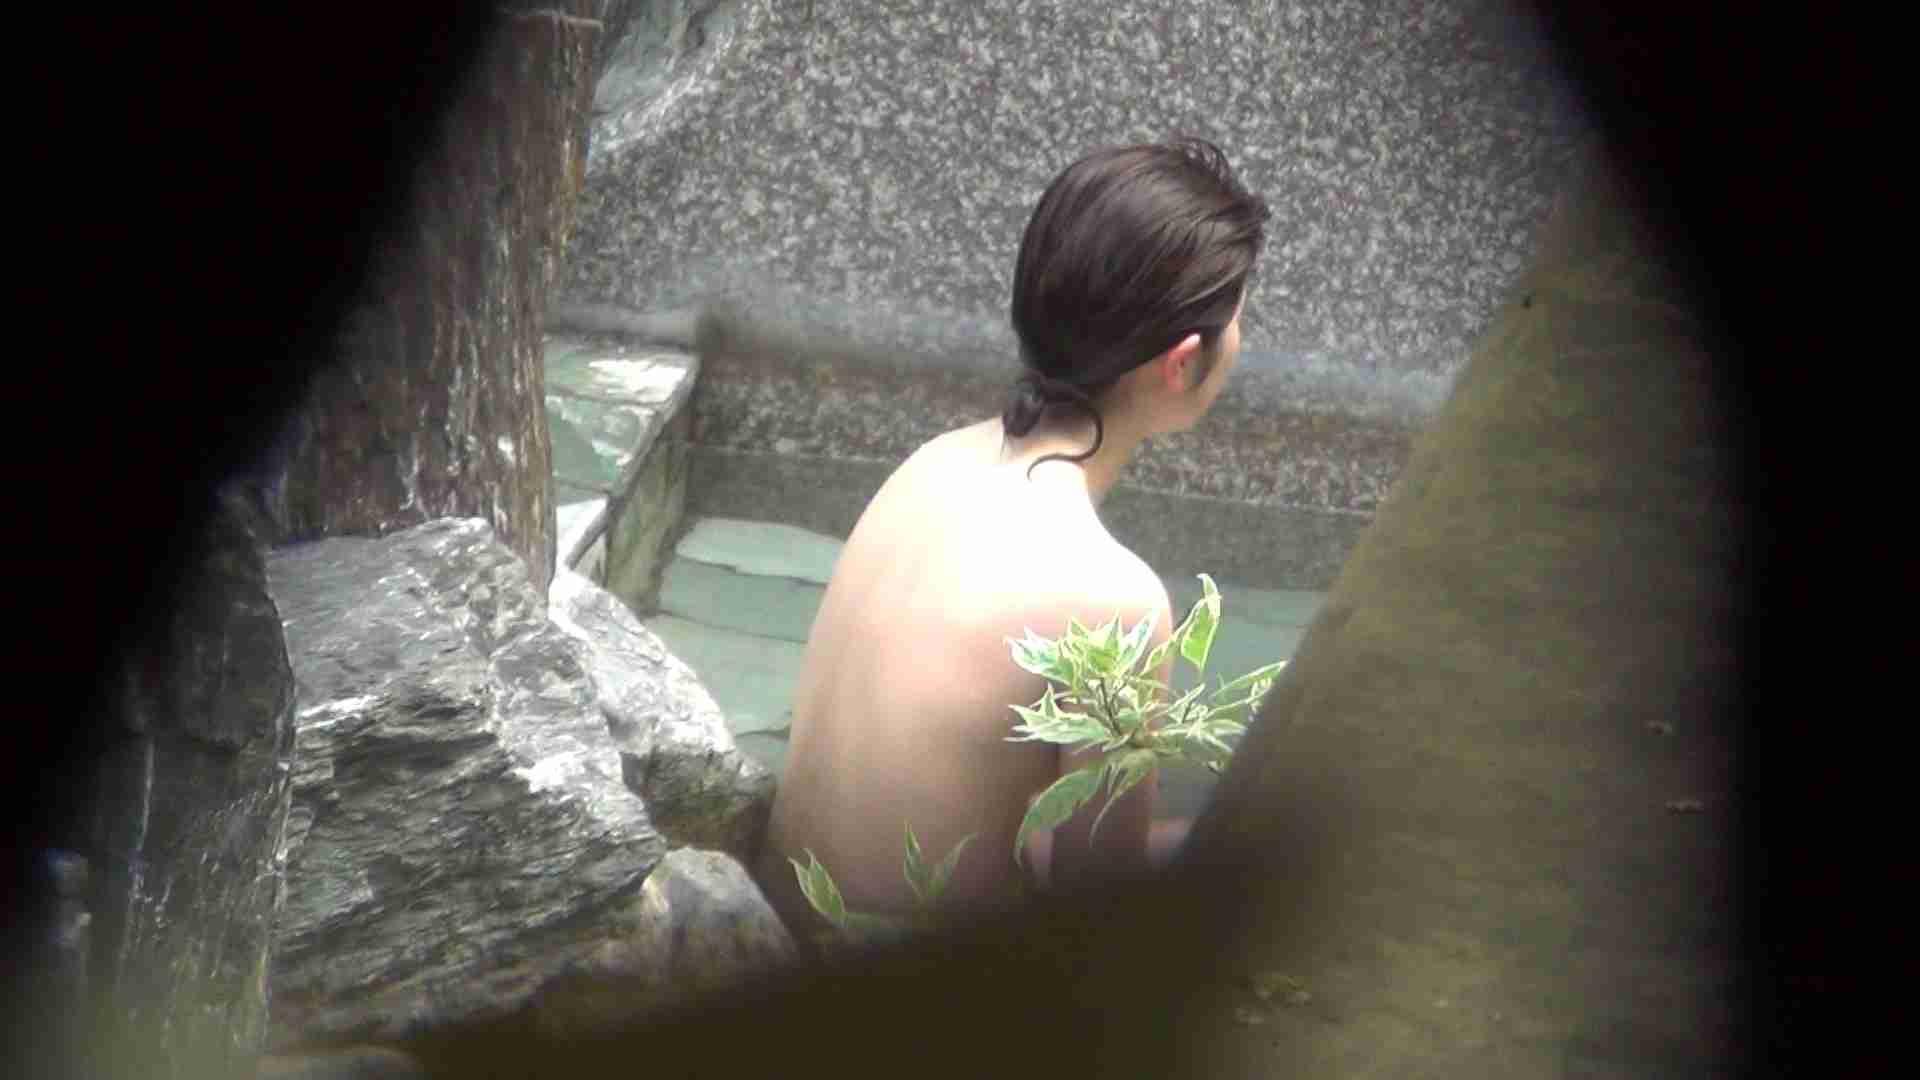 Aquaな露天風呂Vol.262 盗撮動画  11枚 8